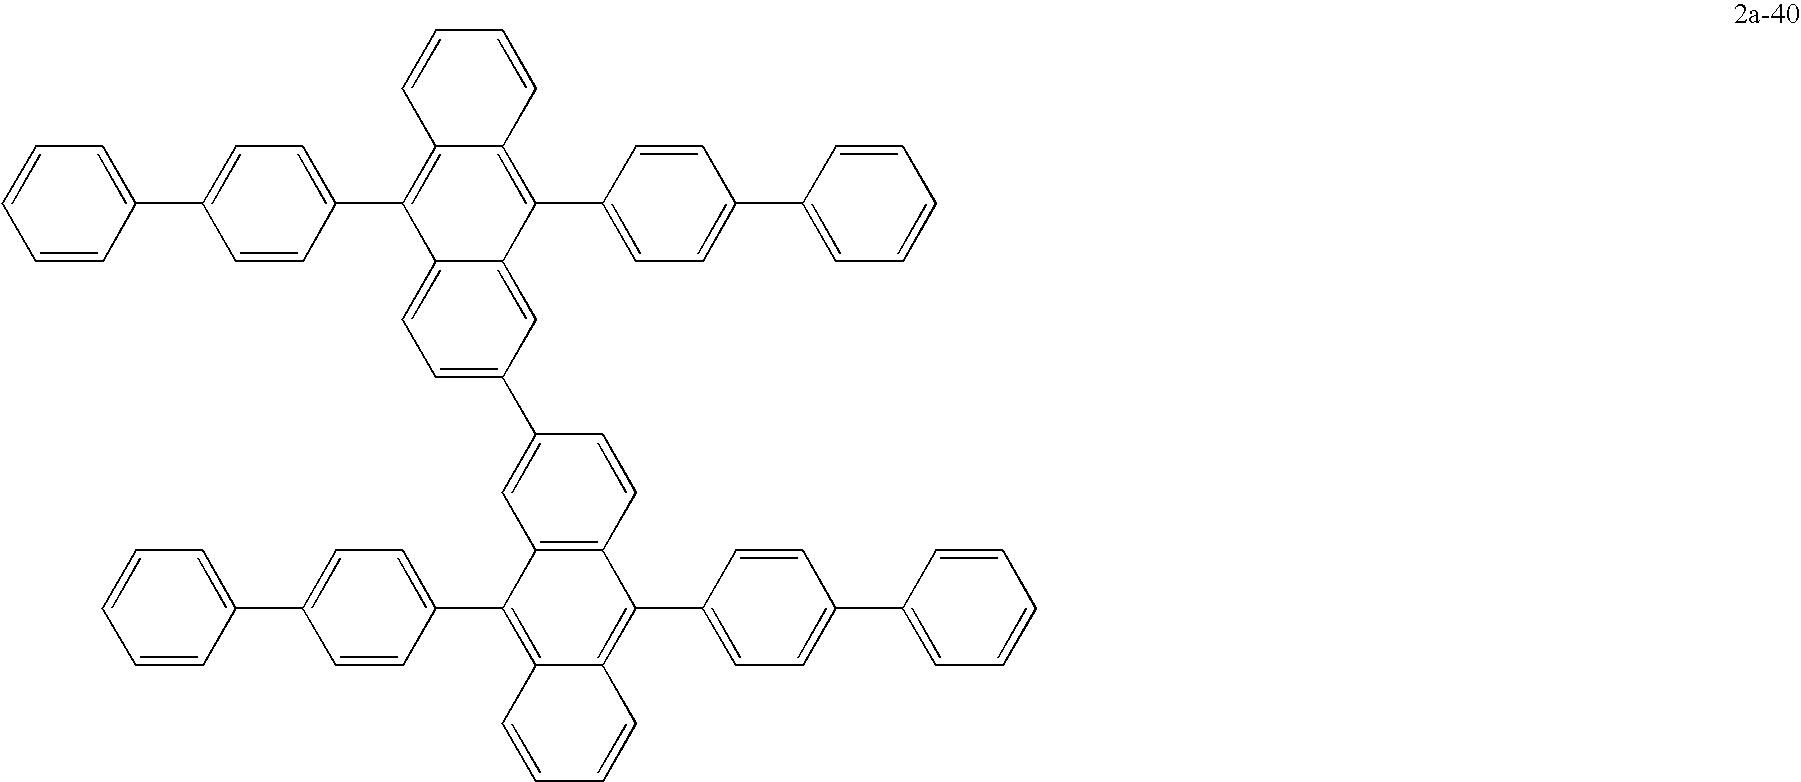 Figure US20100171109A1-20100708-C00172